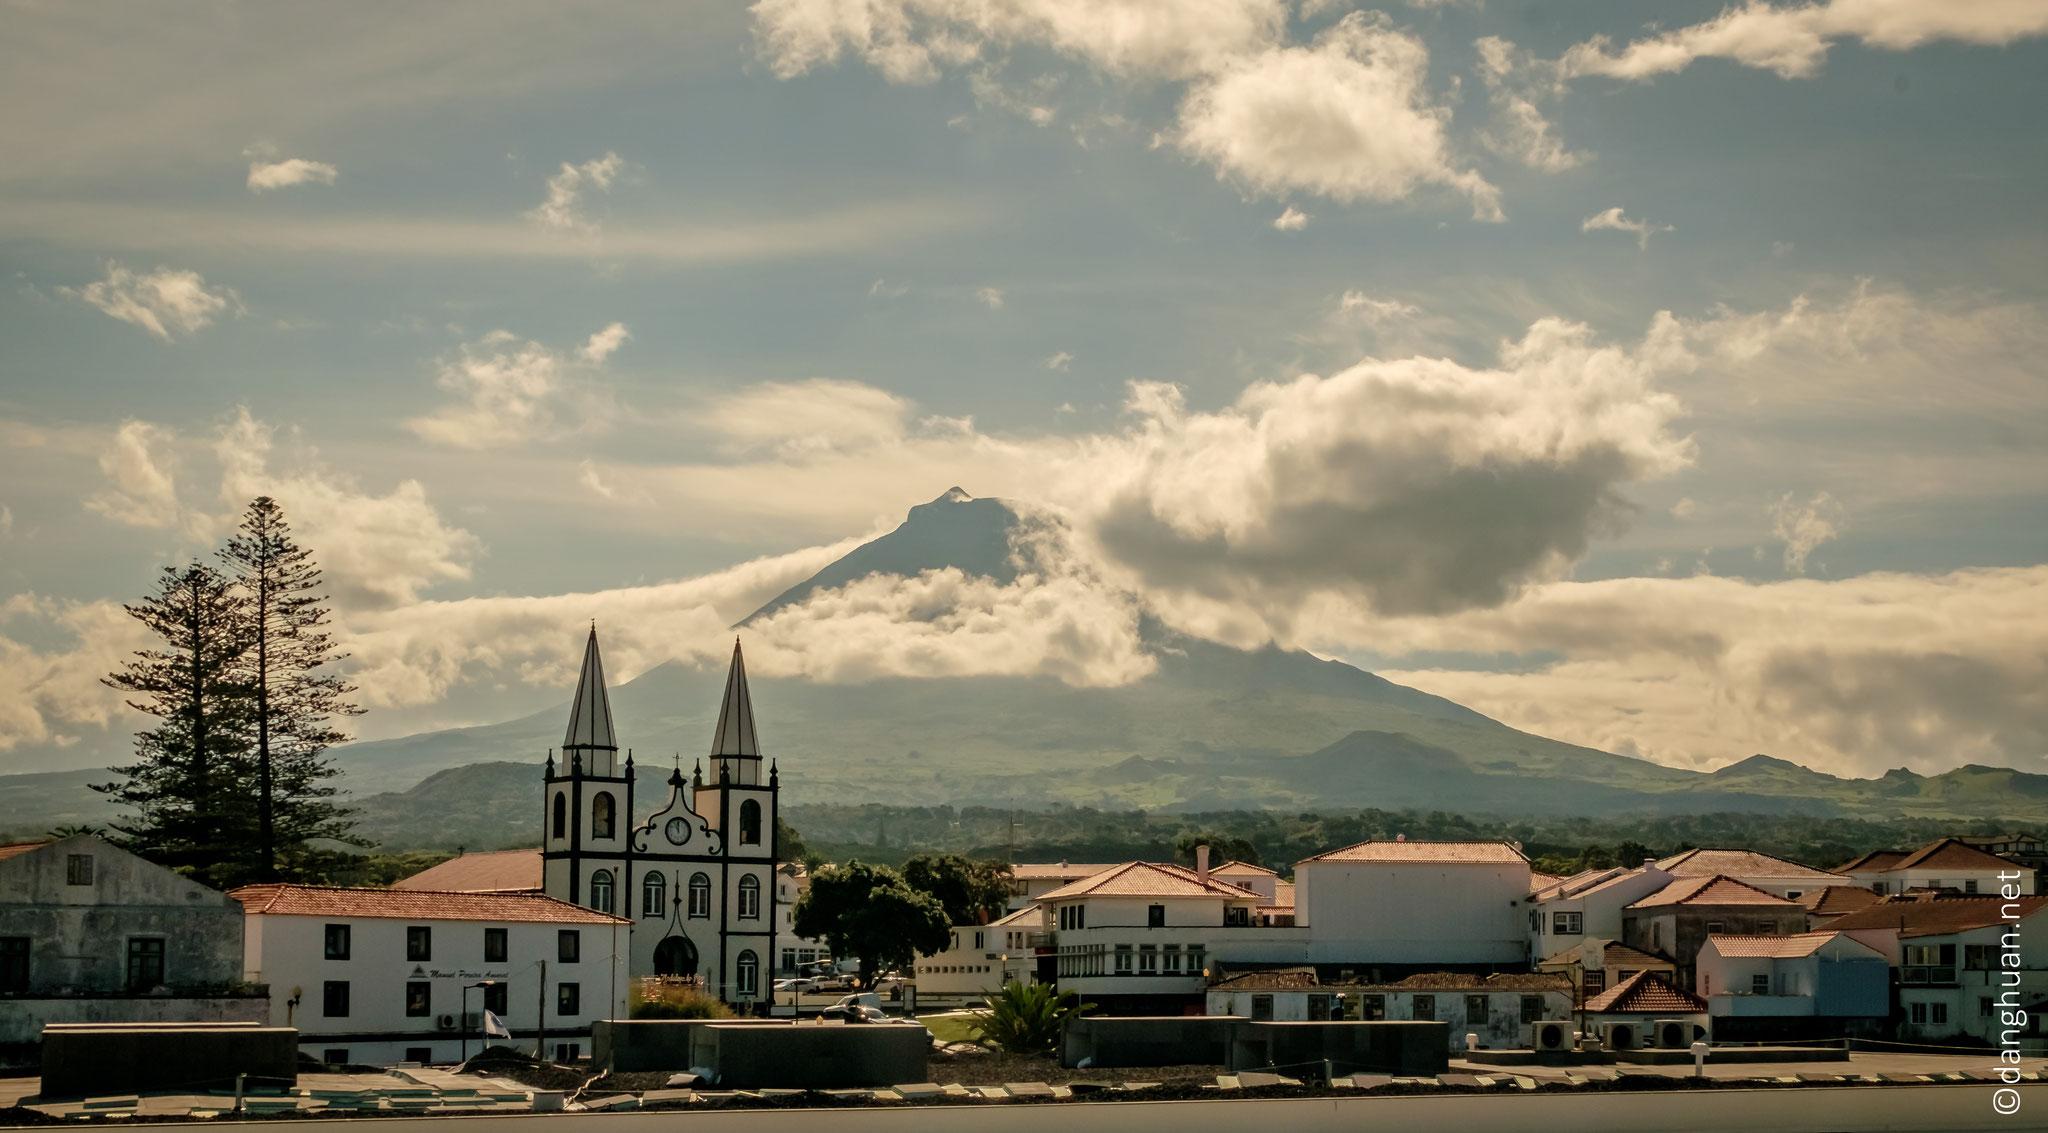 Pico - La ville de Madalena où le ferry débarque en provenance de Sao Jorge, escale à bord vers l'île de Faial